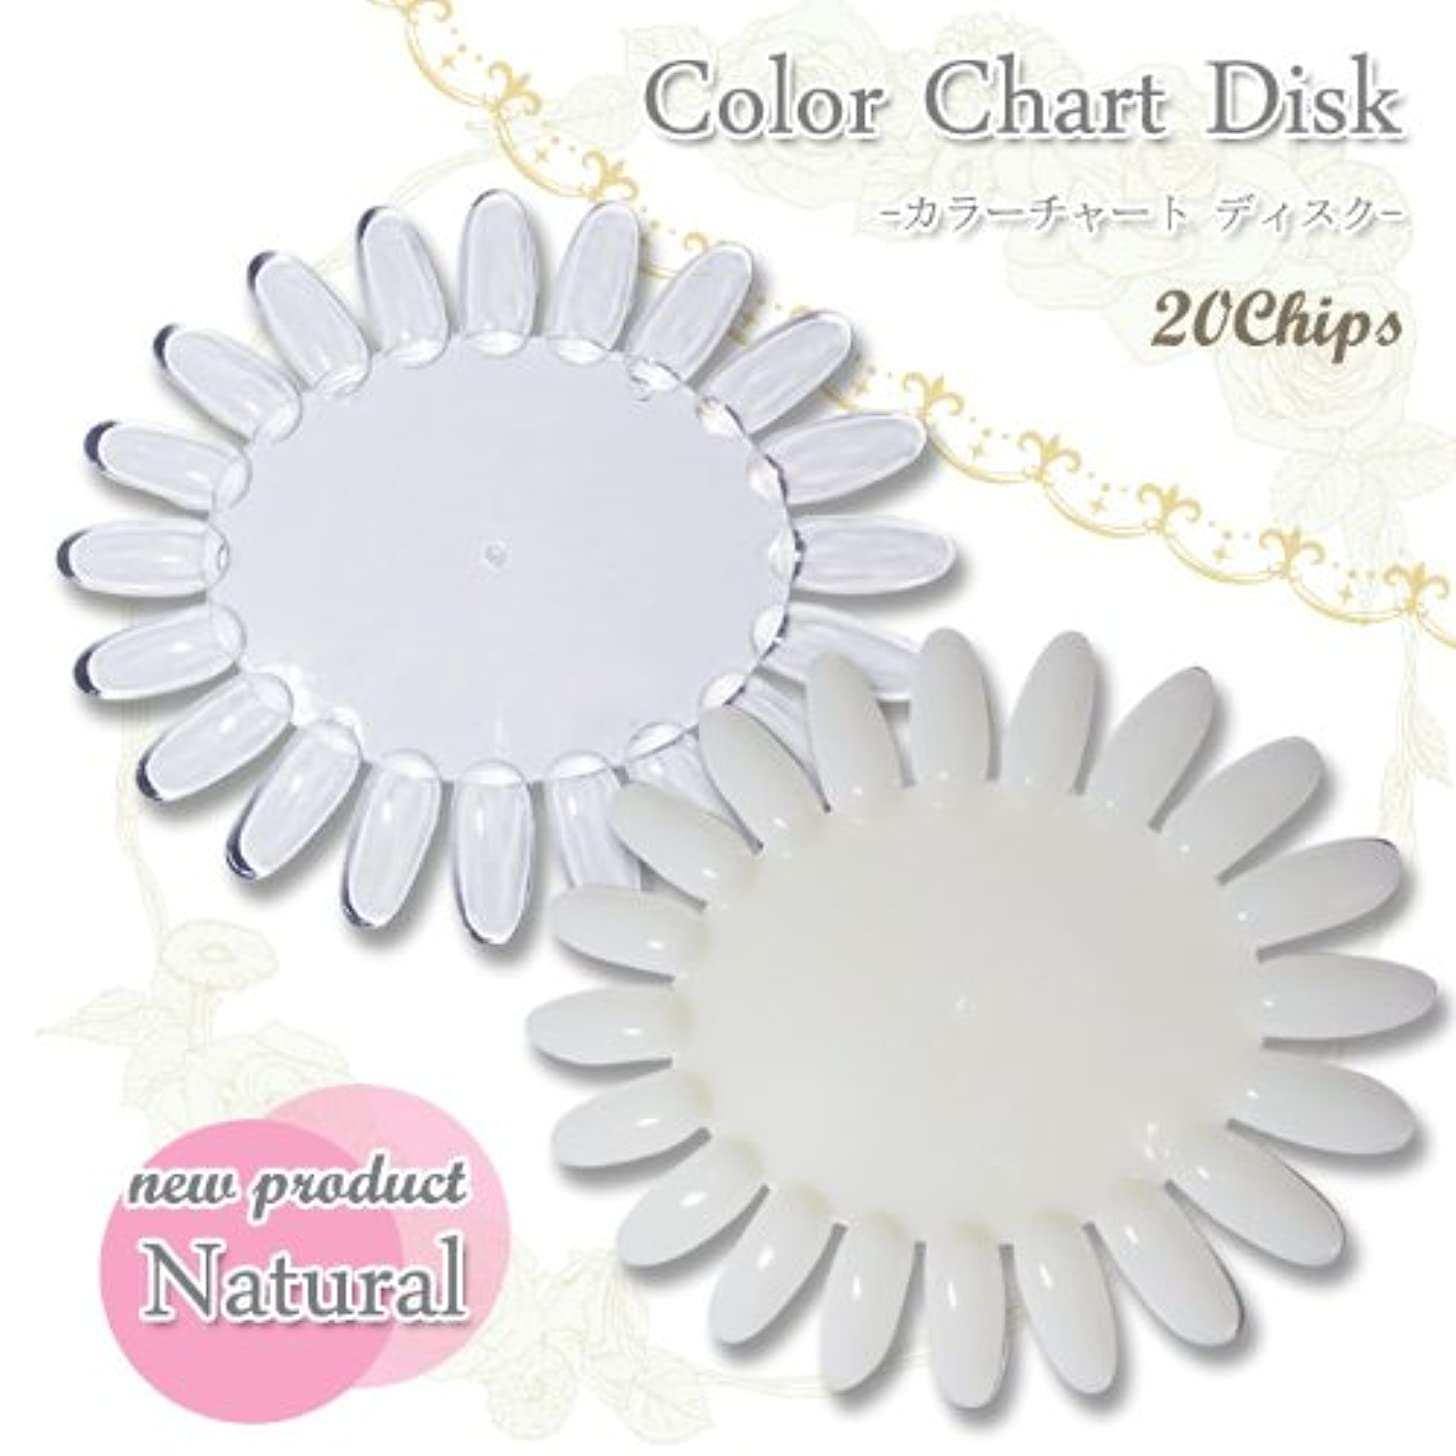 なに塗抹大きい【ネイルツール】カラーチャートディスク〈 20色用 〉カラー見本作成の必需品! (クリア)